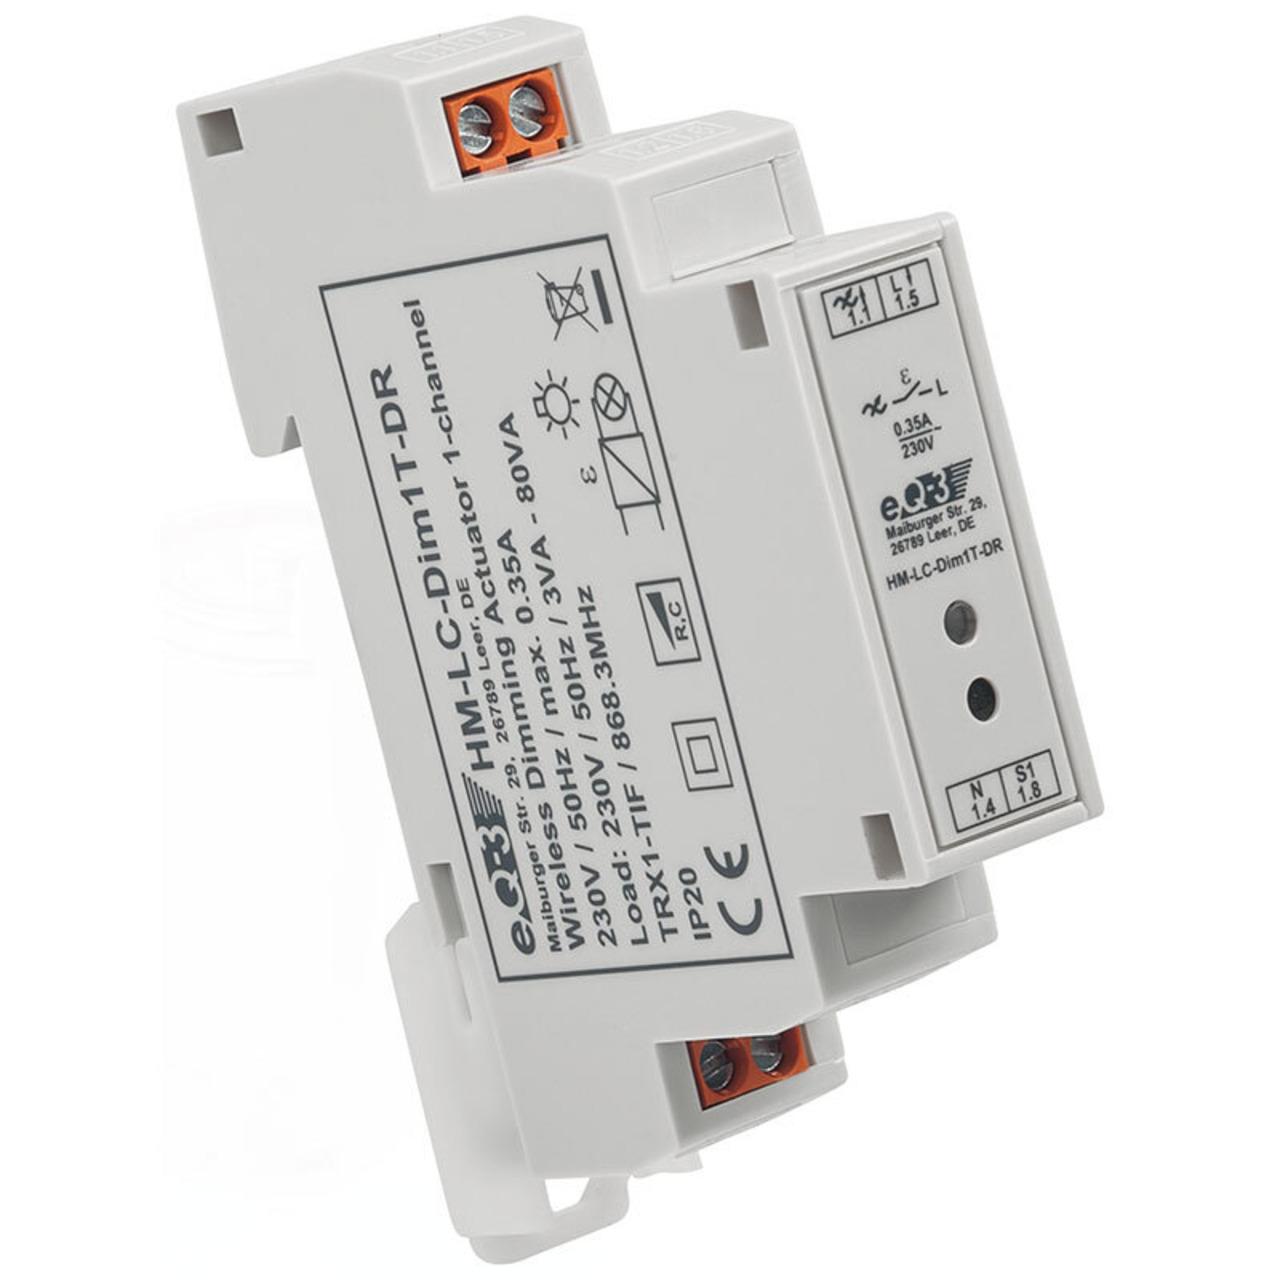 ELV Homematic Bausatz Funk-Dimmaktor 1-fach- Hutschienenmontage HM-LC-Dim1T-DR